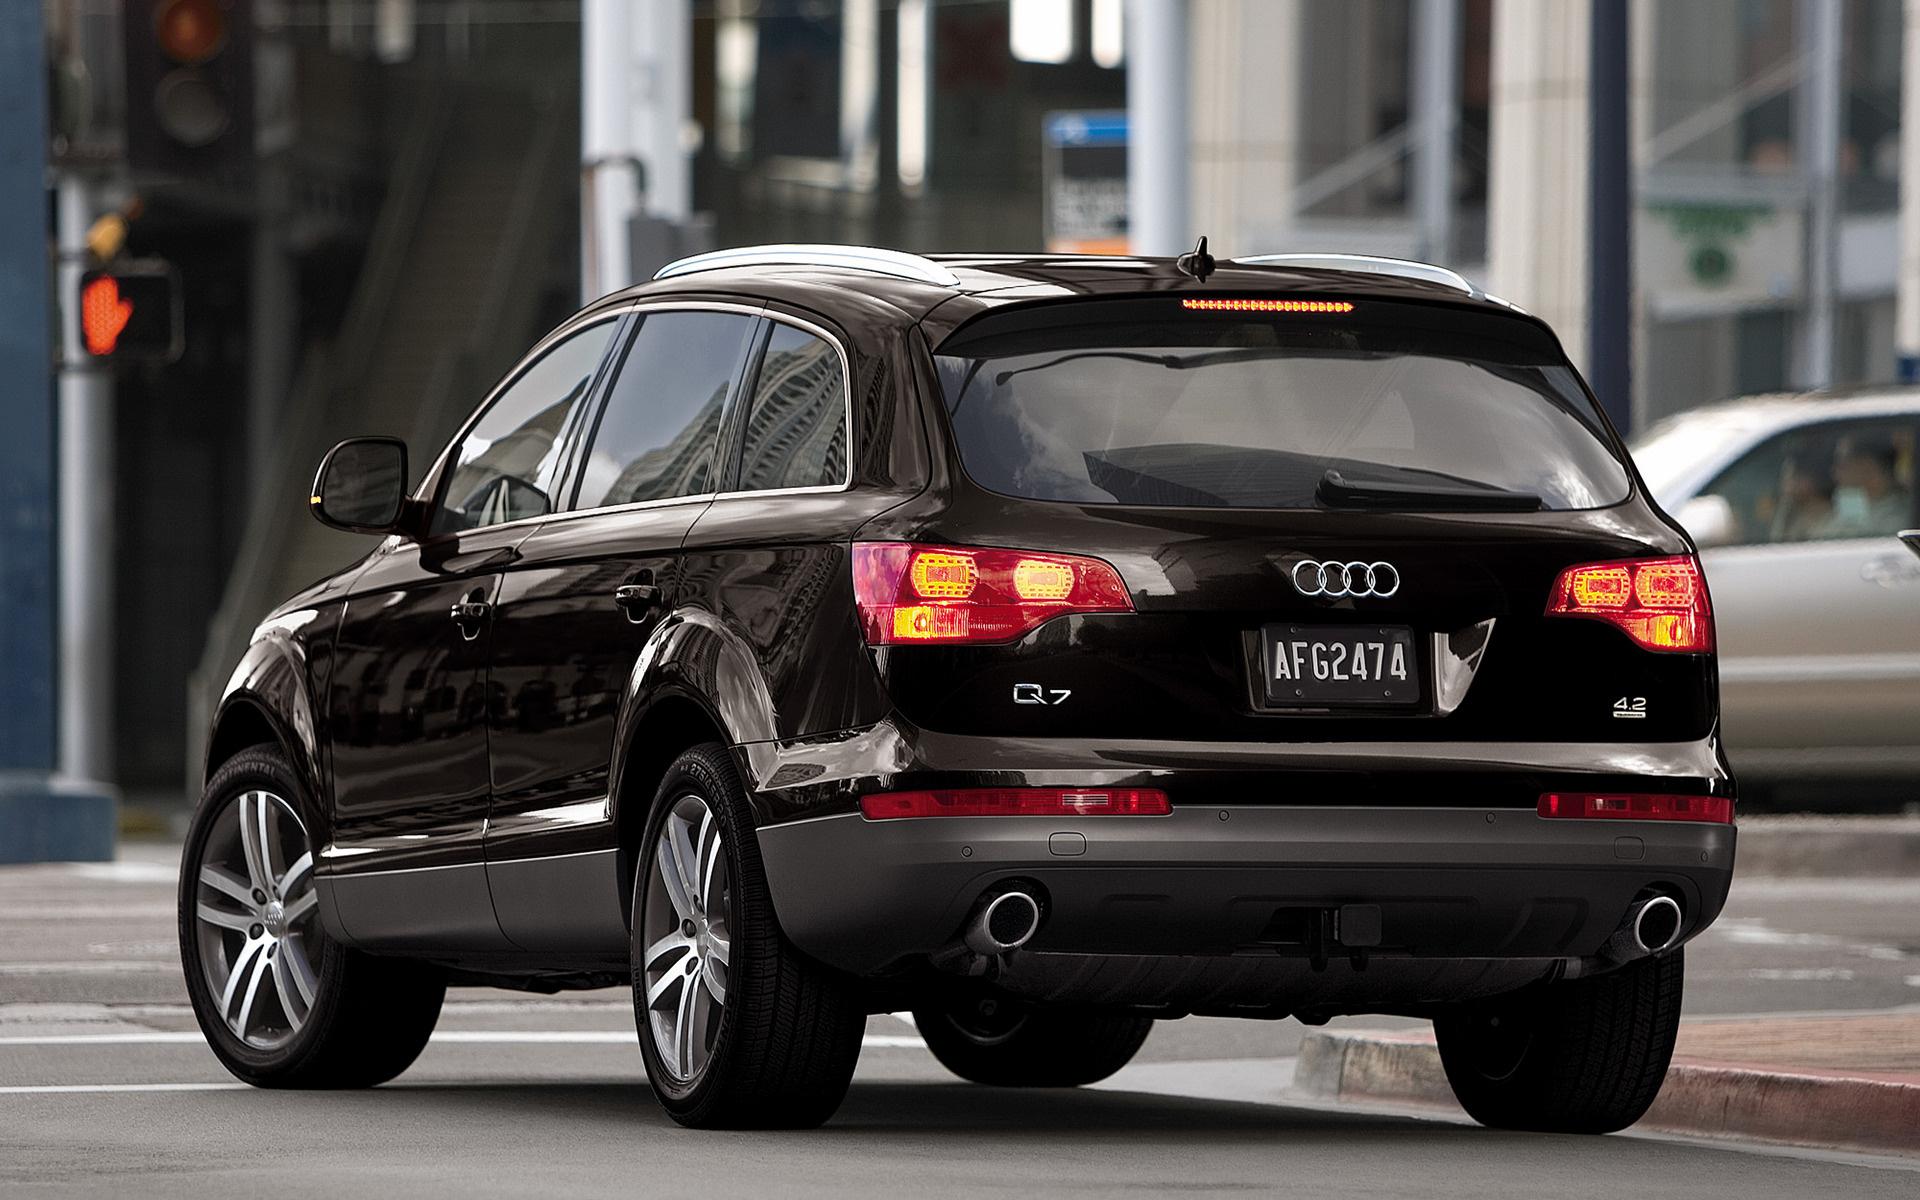 Kelebihan Audi Q7 2007 Harga